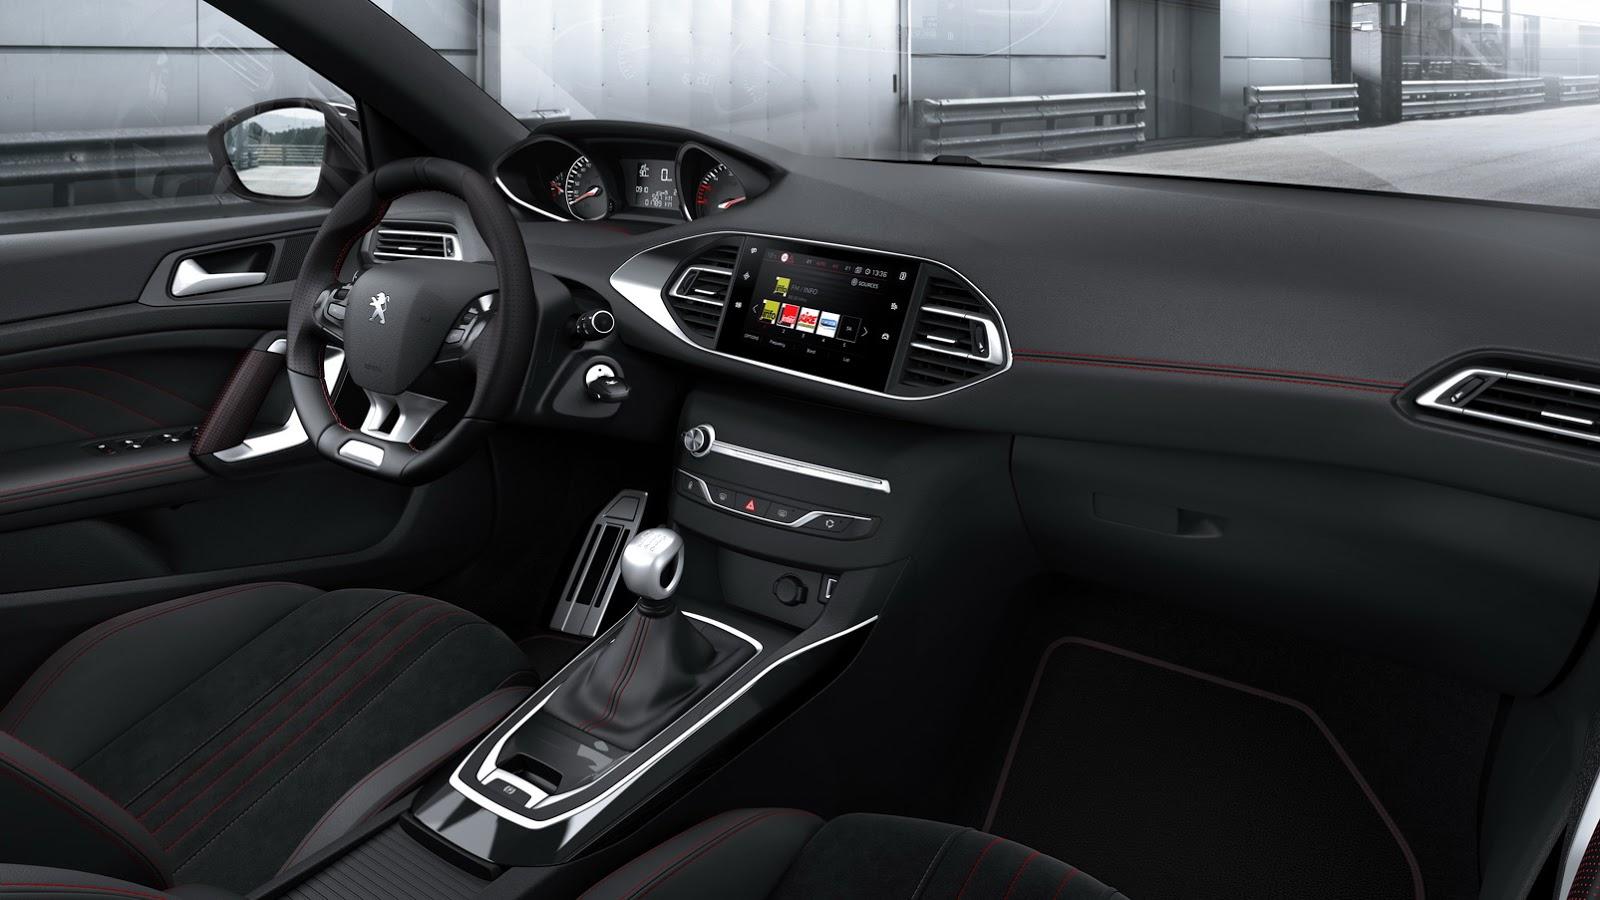 Peugeot 308 new 2019